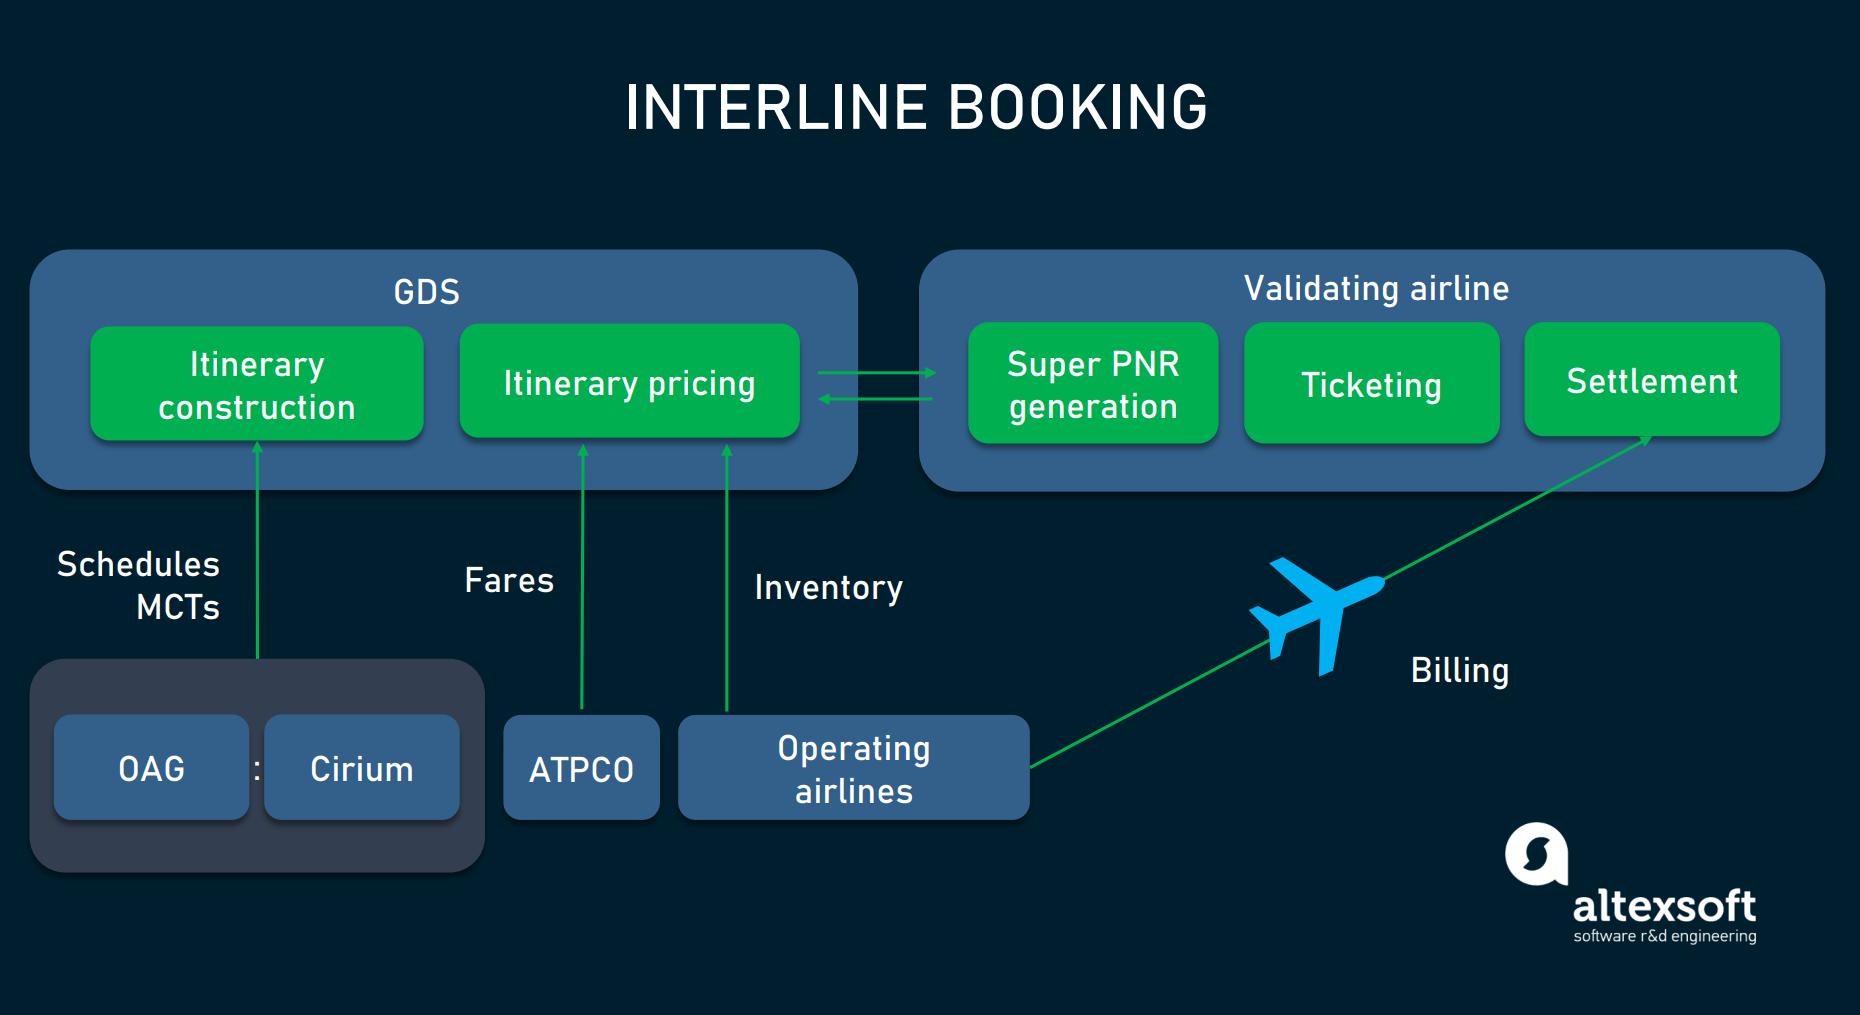 Interline booking flow